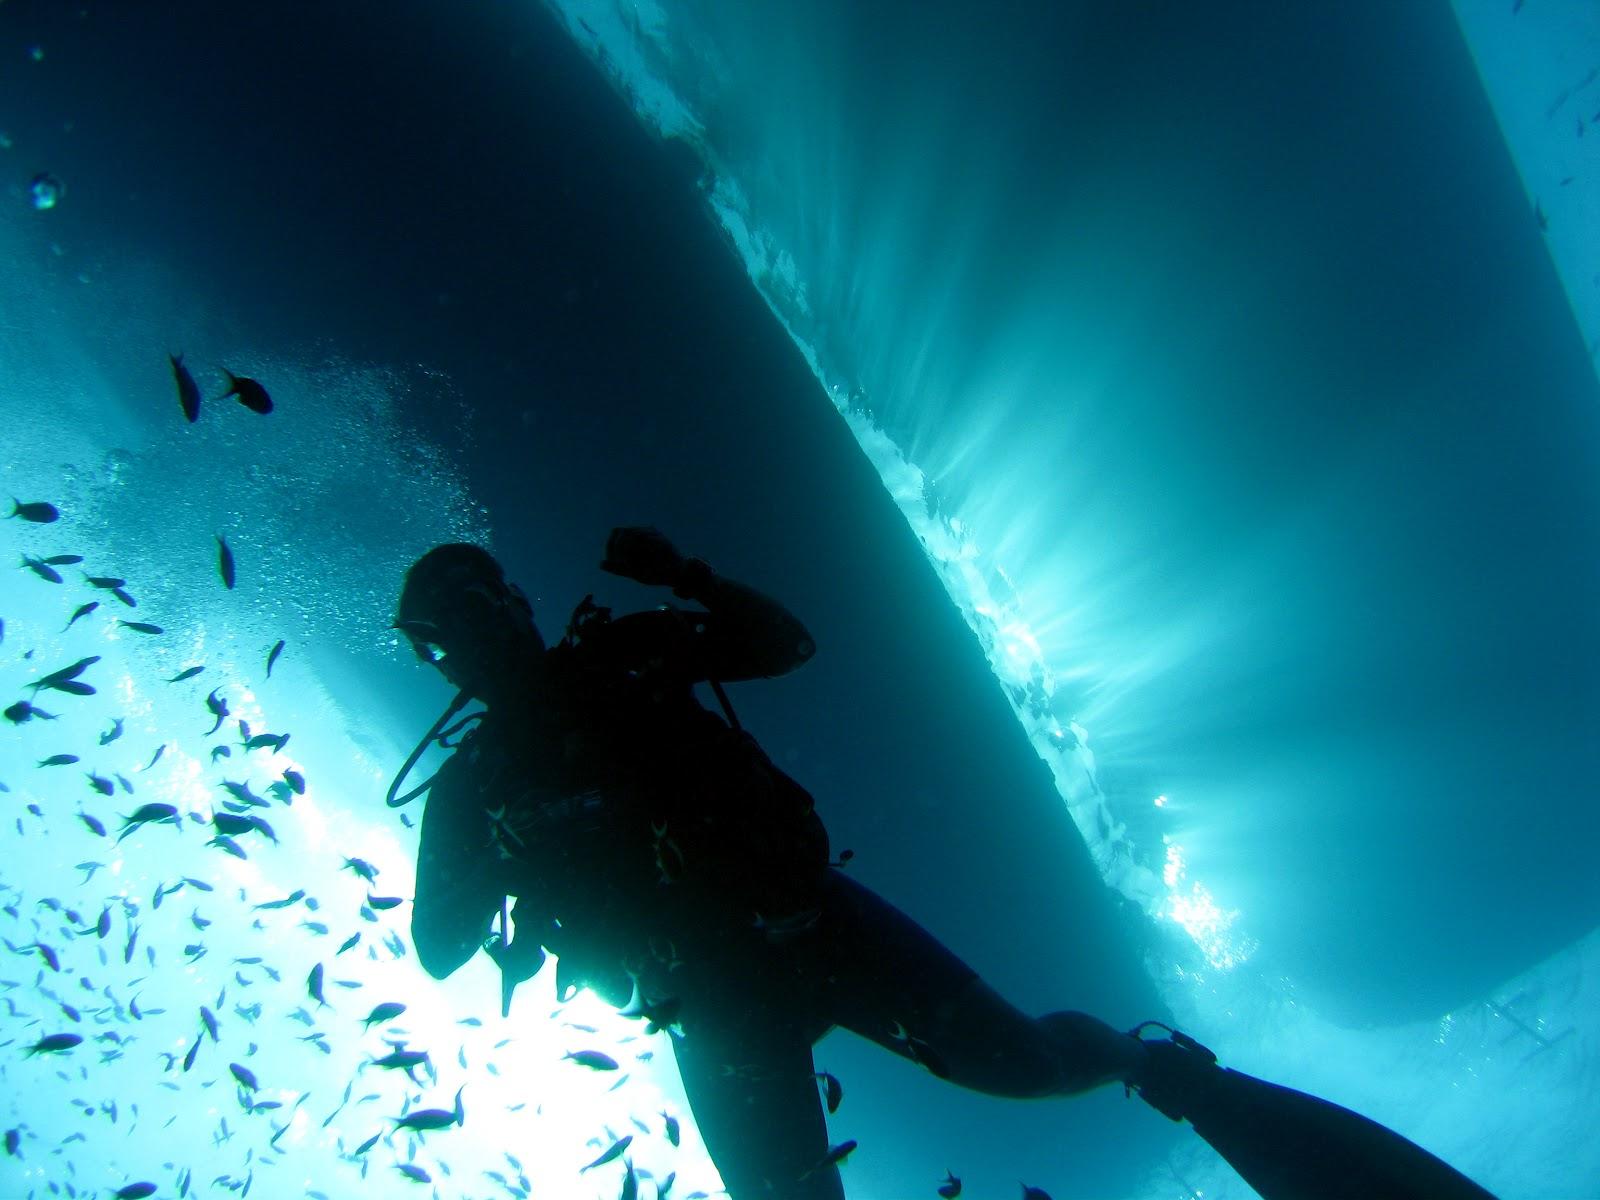 https://i0.wp.com/3.bp.blogspot.com/-jHf_Ap1Nw2M/UFrENi_GR6I/AAAAAAAAANk/fsyAR4-YRA4/s1600/scuba-diver.jpg